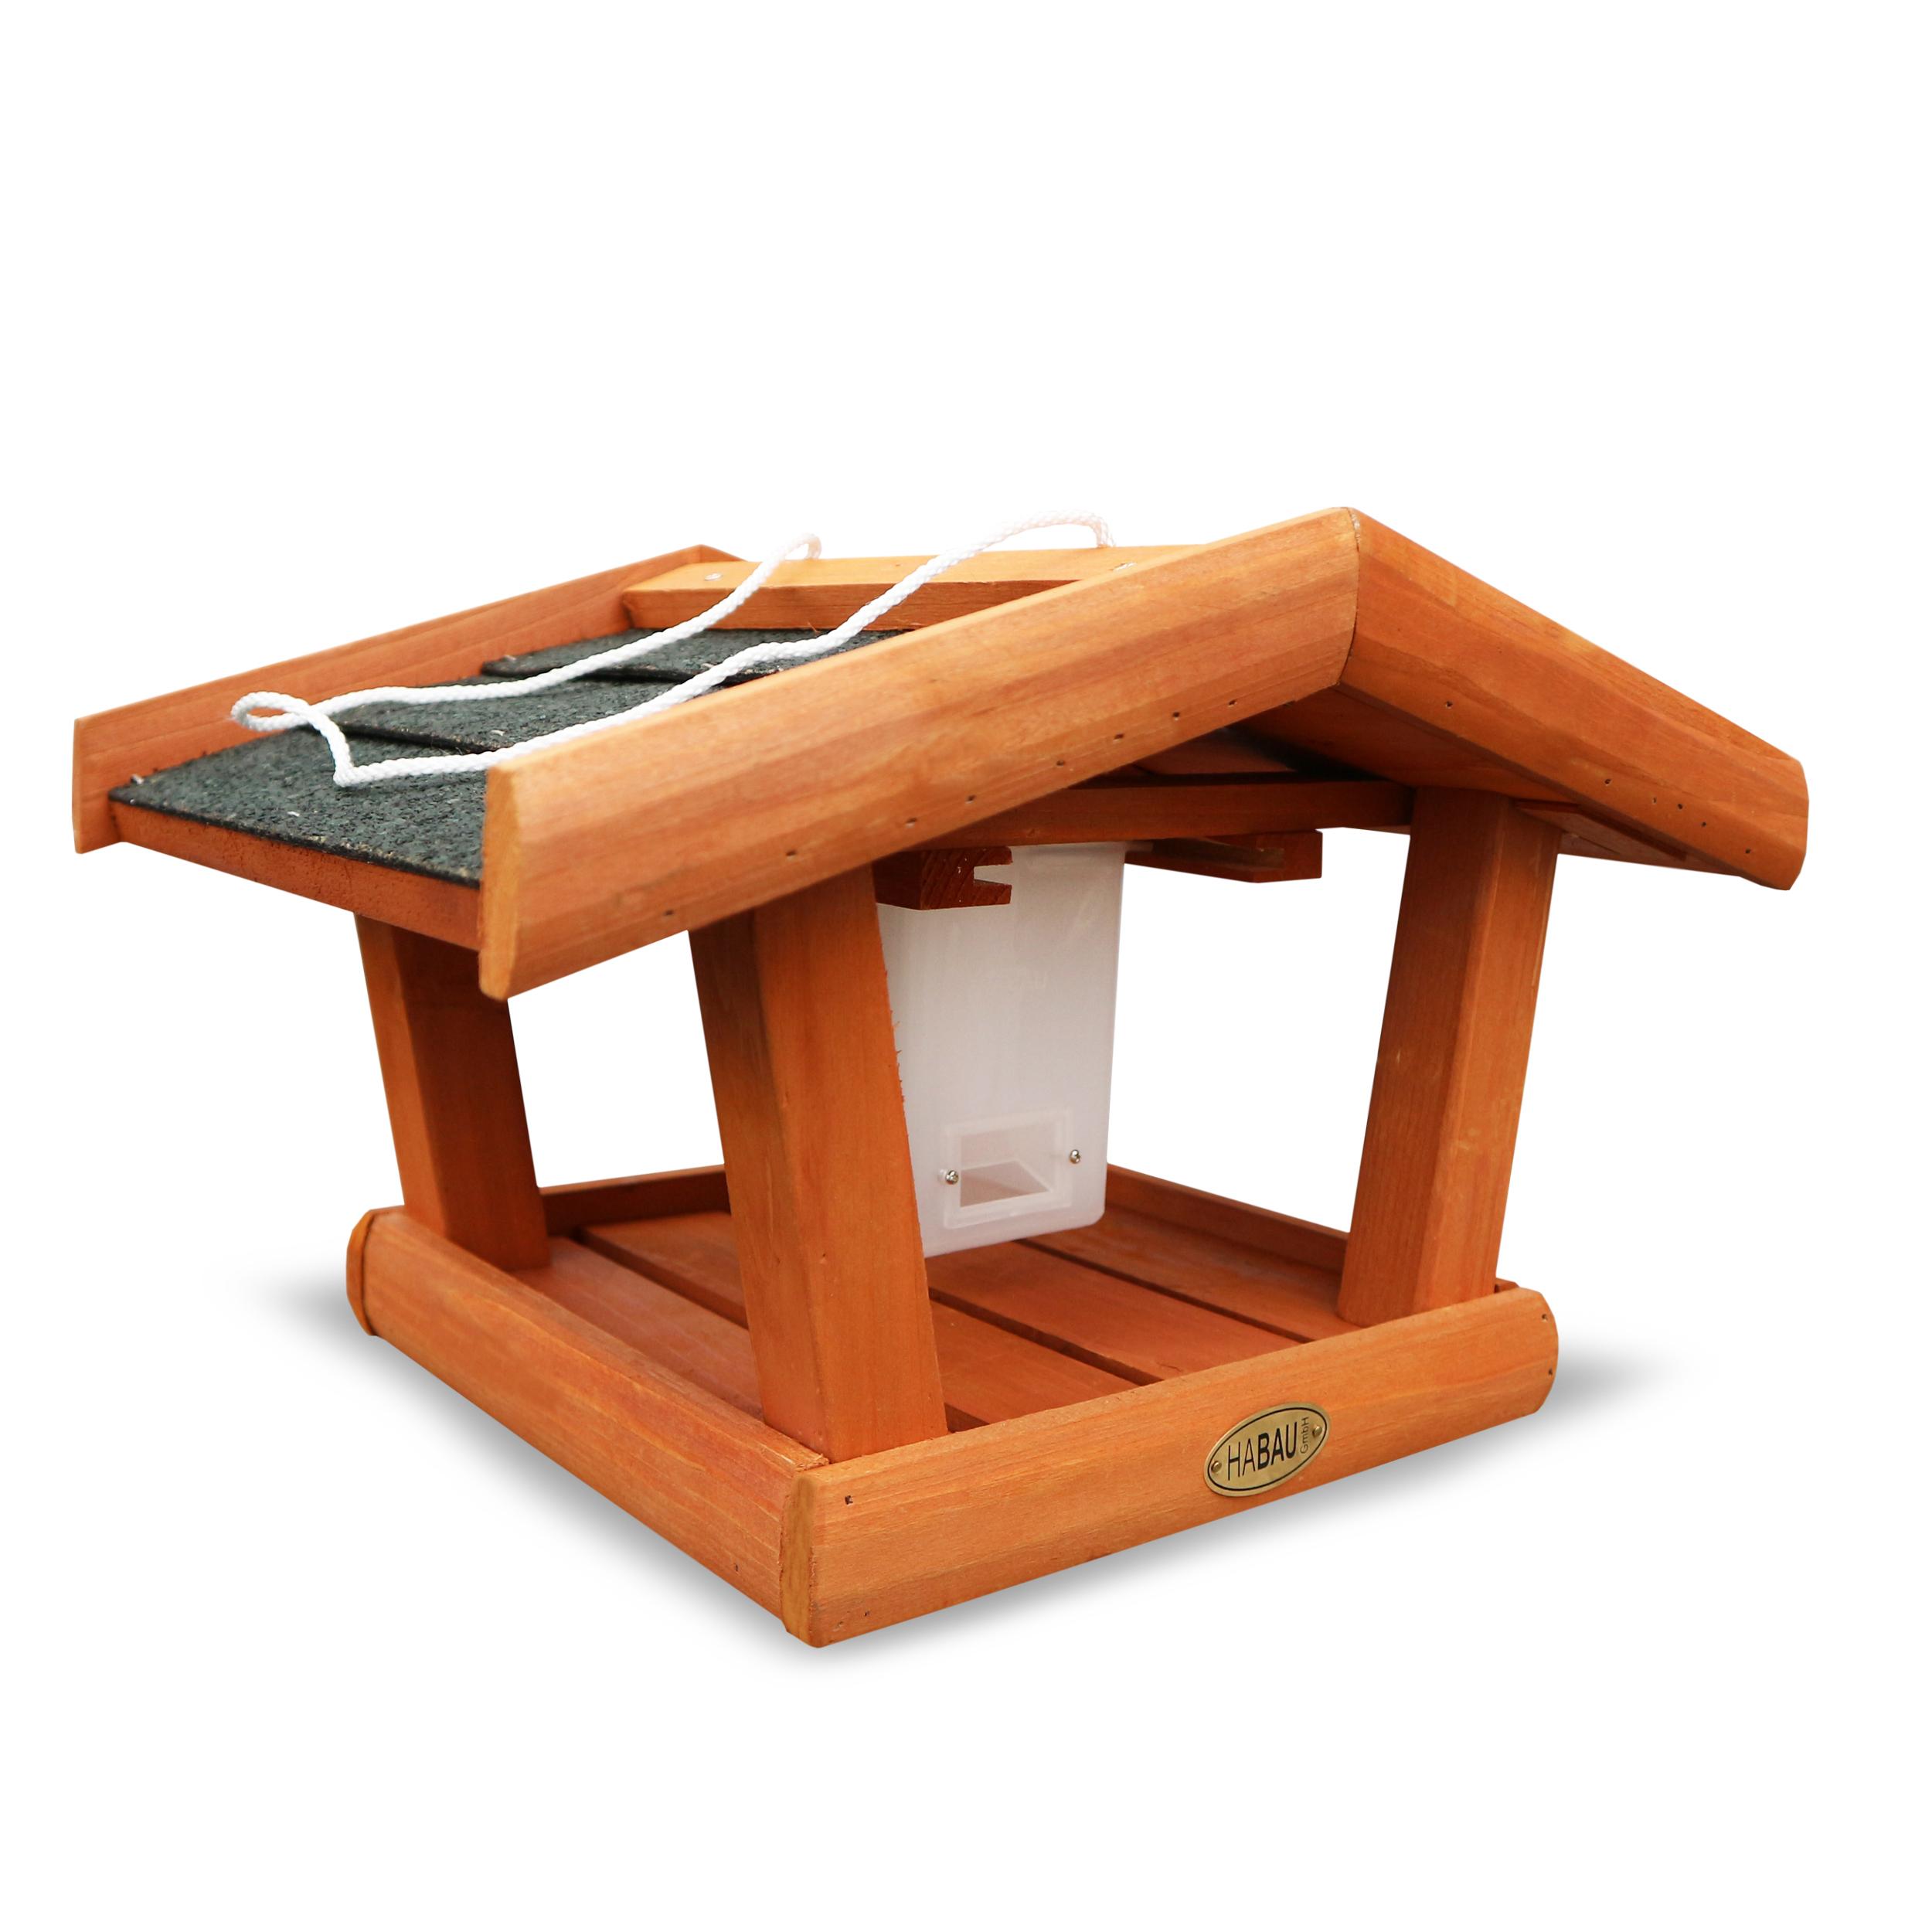 HABAU Vogelhaus Singdrossel zum Aufhängen - 2998